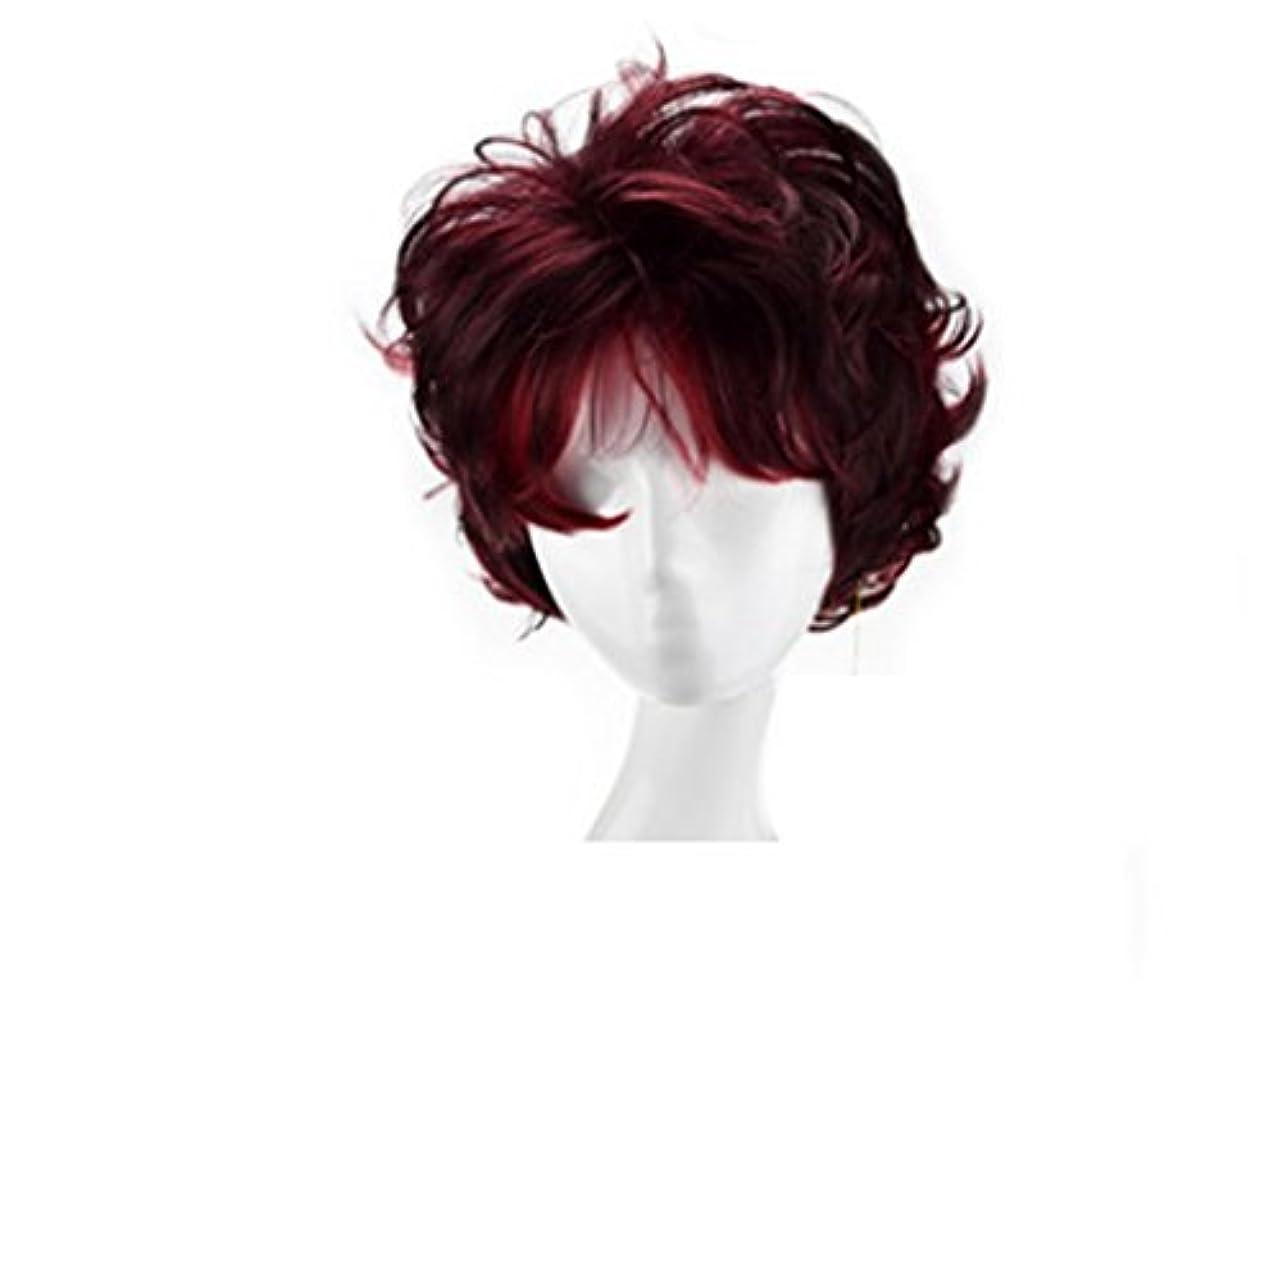 温かいパンフレット裁判所JIANFU 4インチボボショートロールウィッグワインレッド調節可能なサイズかつらセット - ナチュラルウィメンズウィッグ (Color : Wine red)